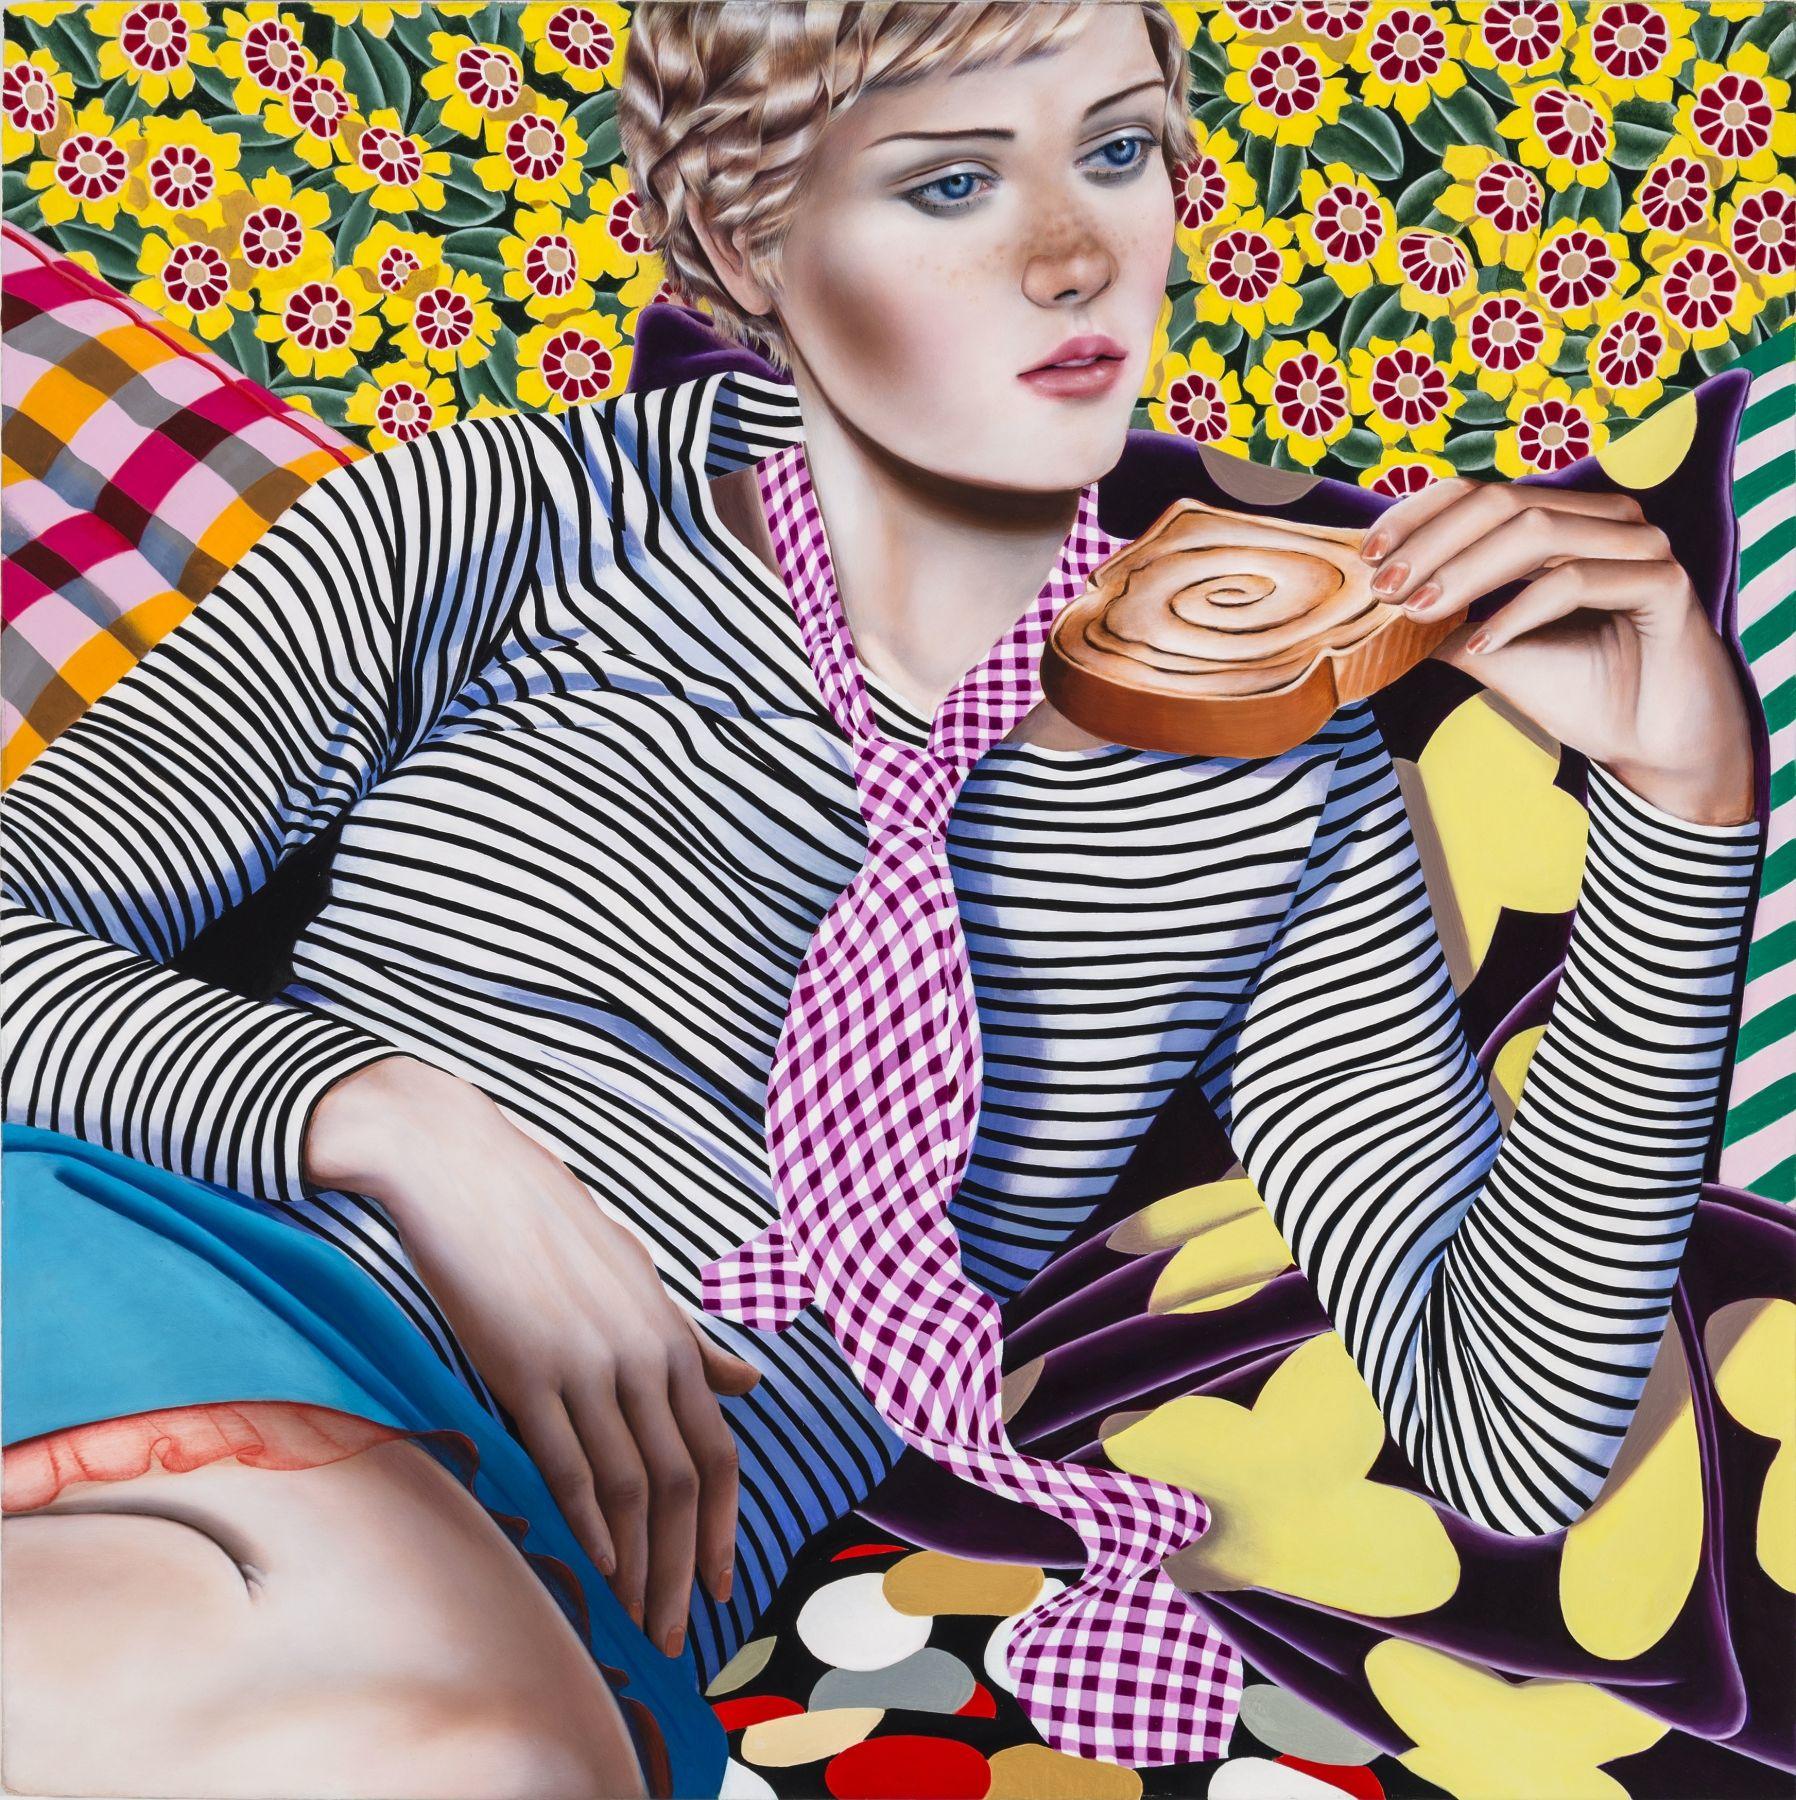 Jocelyn Hobbie, Untitled, 2014